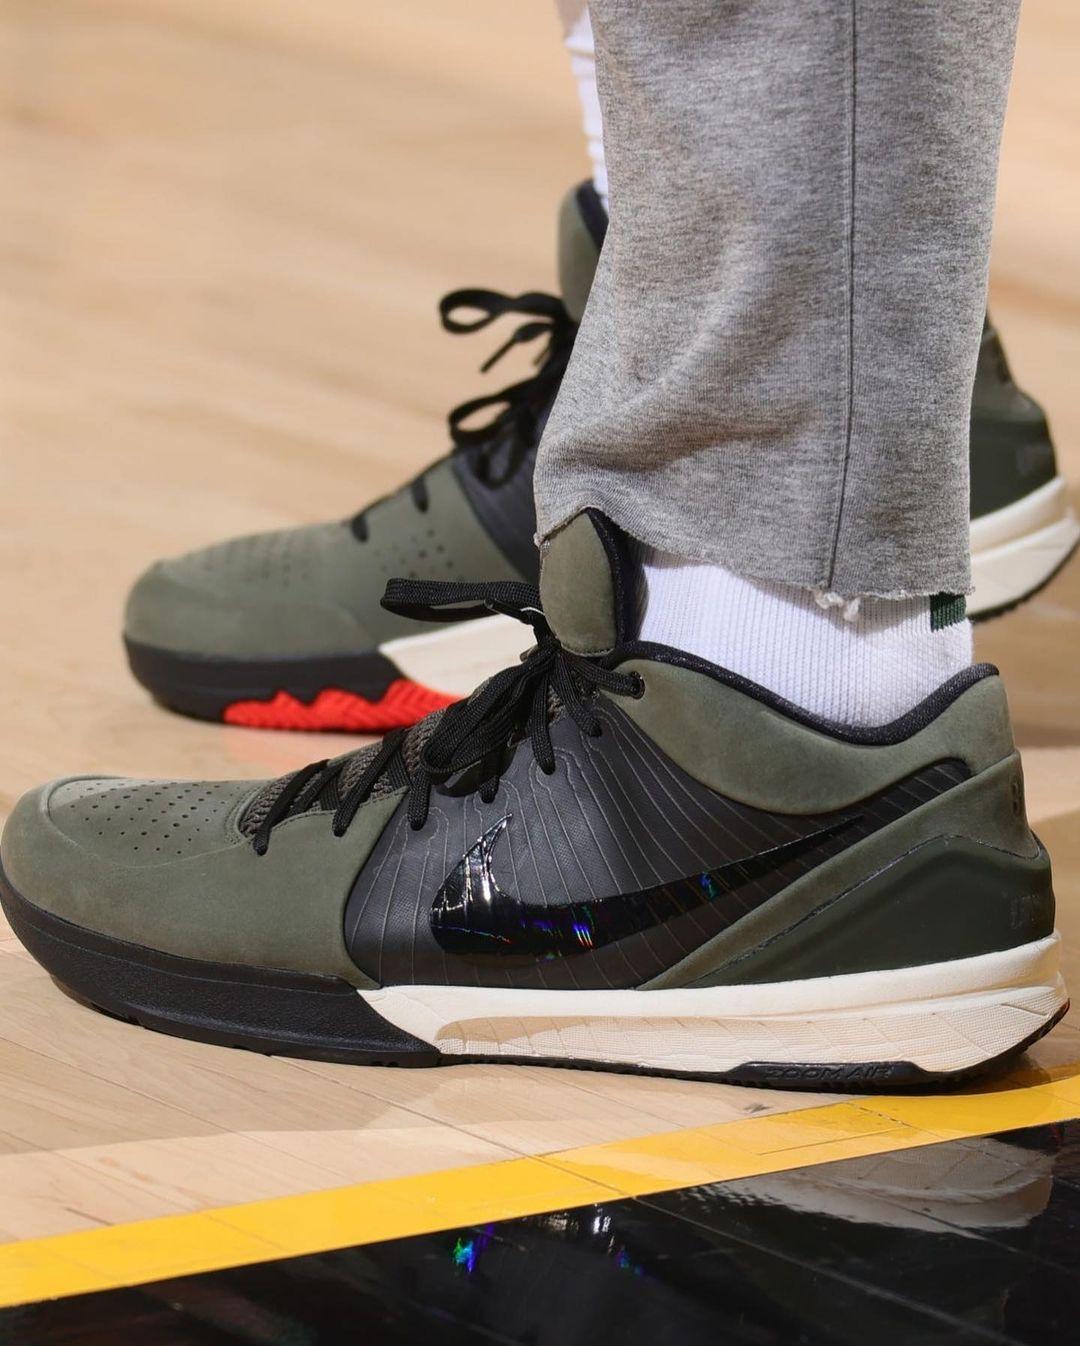 Nike,塔克,布克  布克晒未市售「科比联名」!隔空喊话:鞋王塔克都没有!